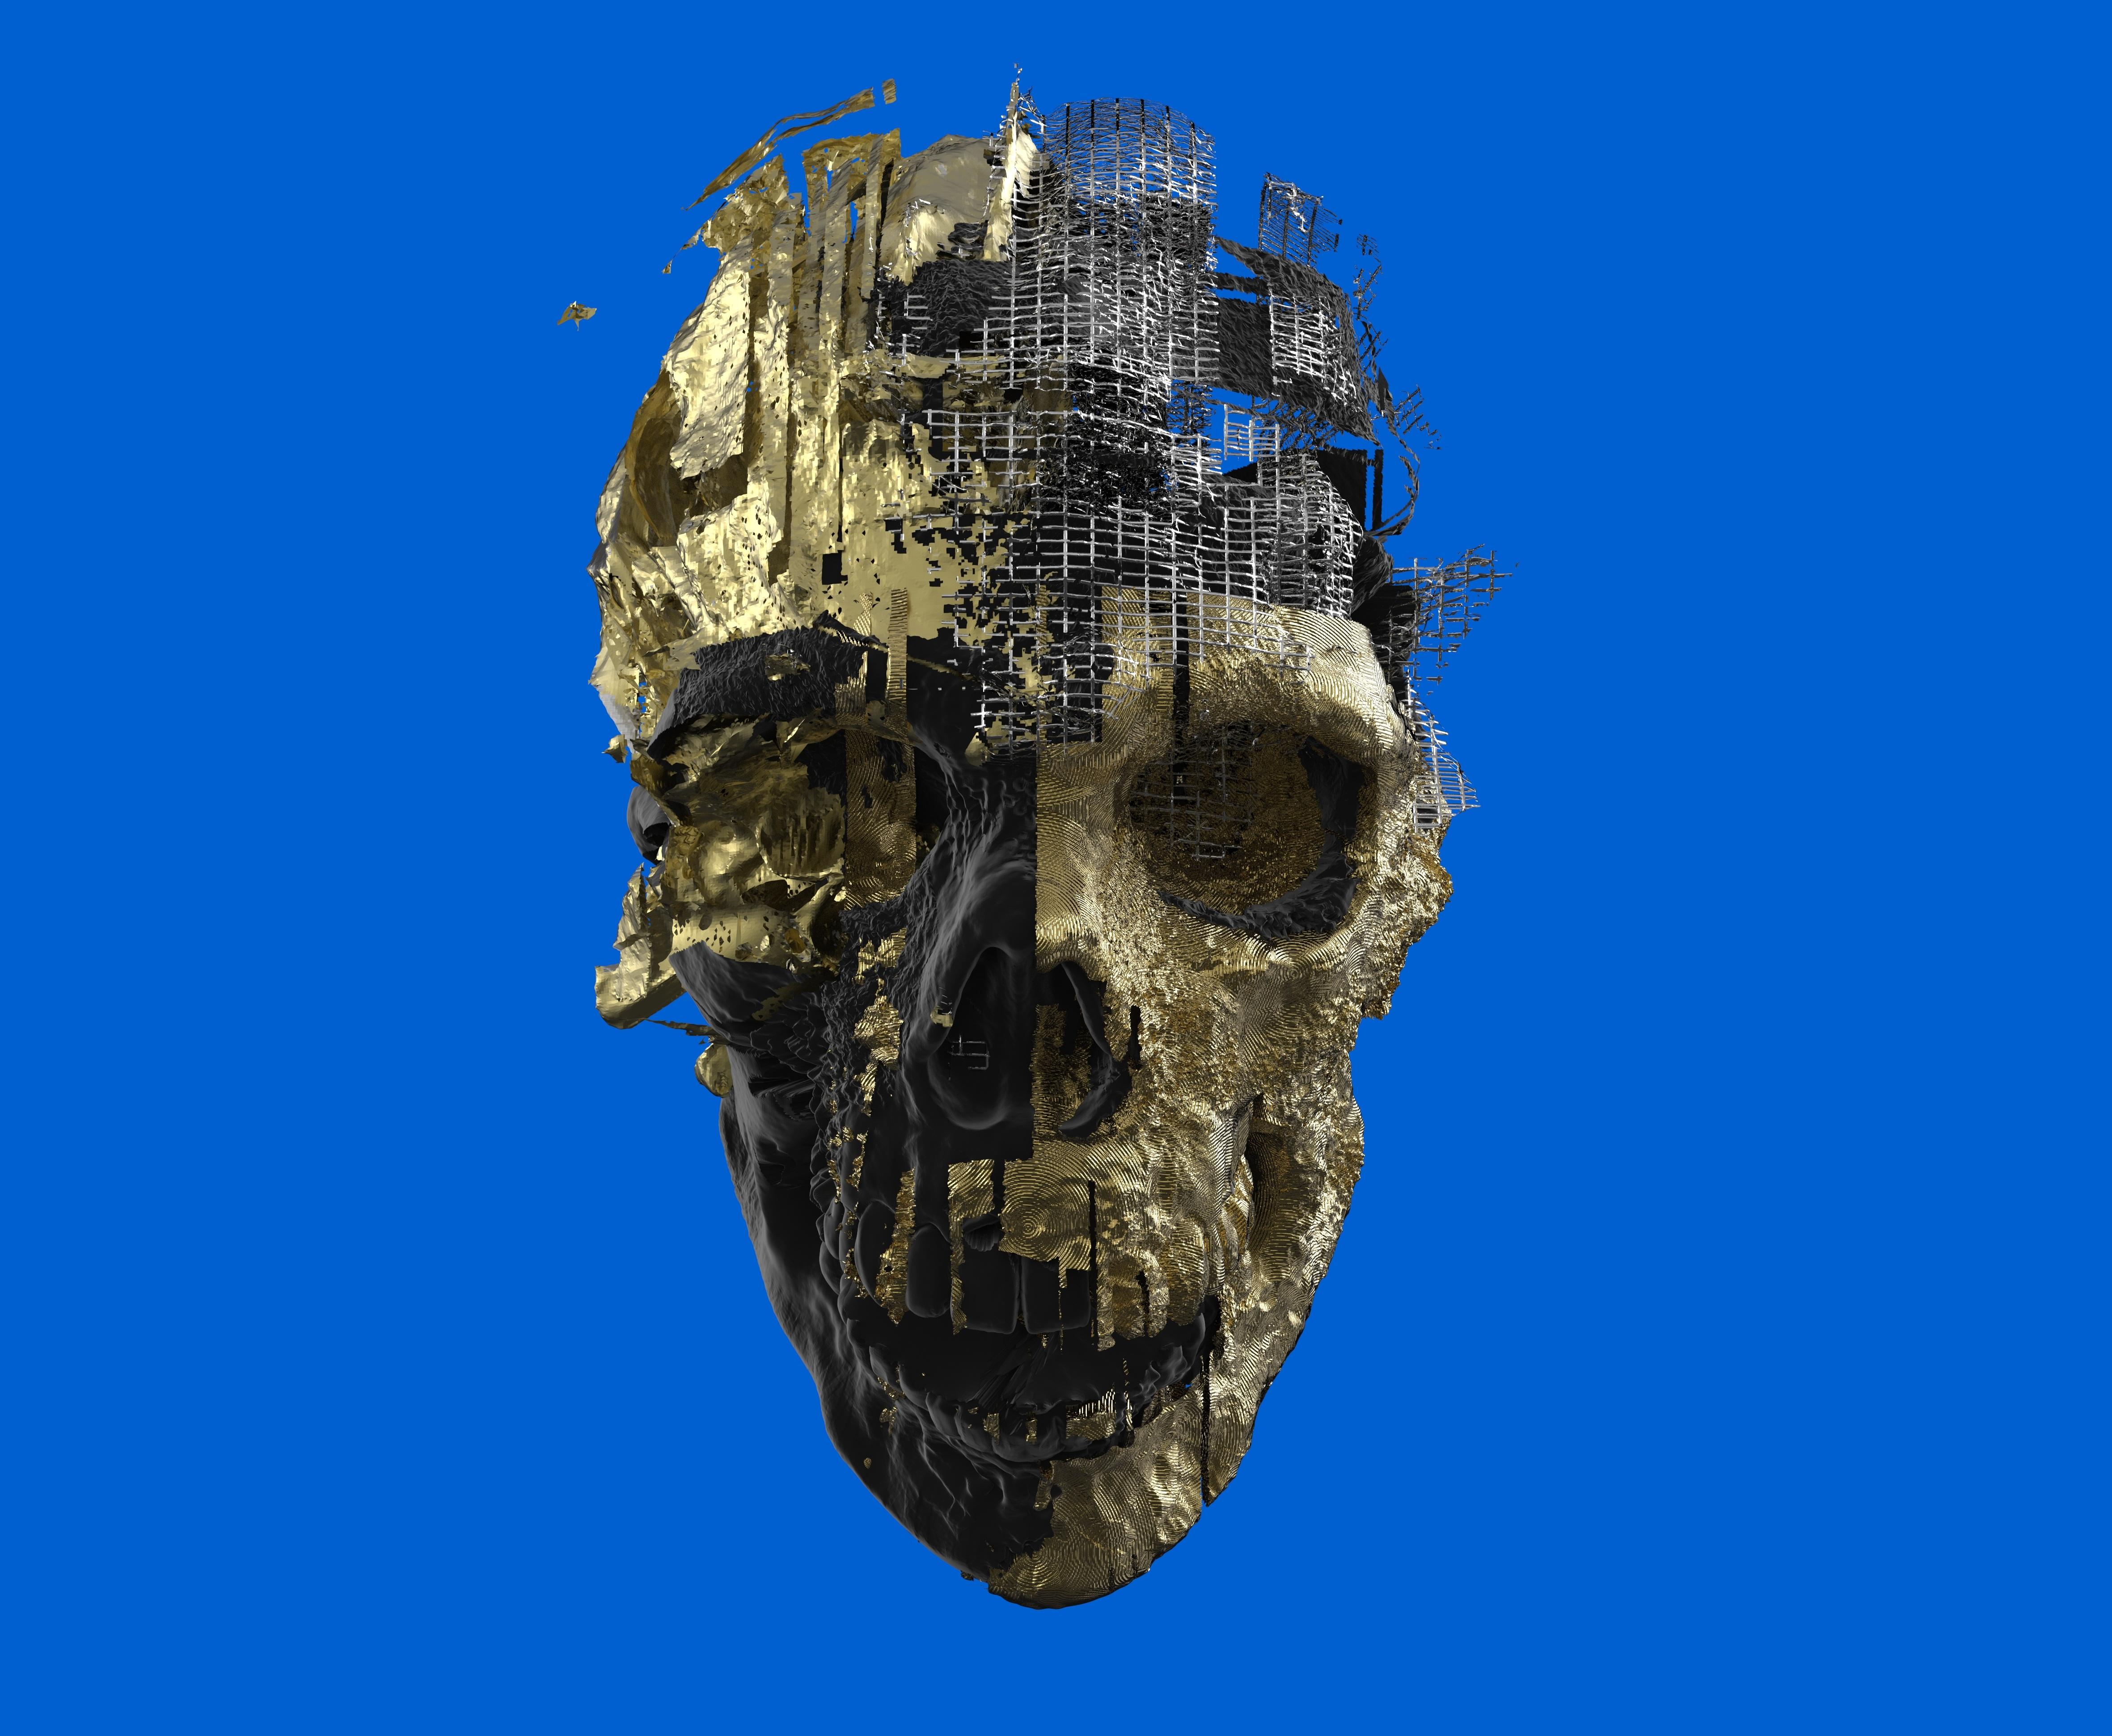 Fotos gratis : cráneo, escultura, art, ilustración, cabeza, 3d ...